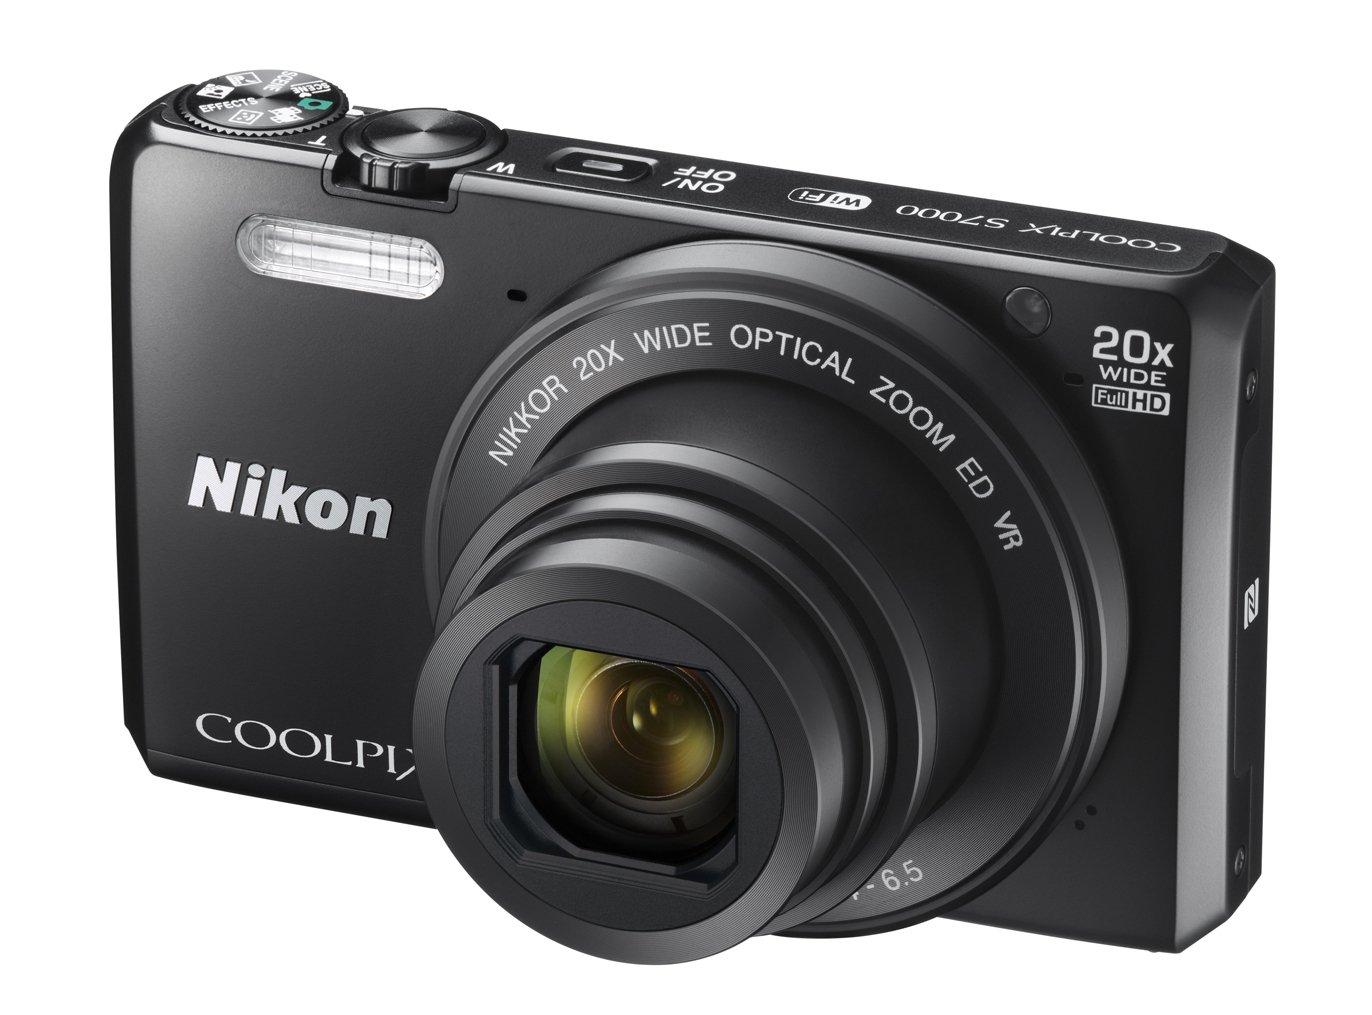 NIKON COOLPIX S7000 černý + SDHC 8 GB + originální pouzdro zdarma